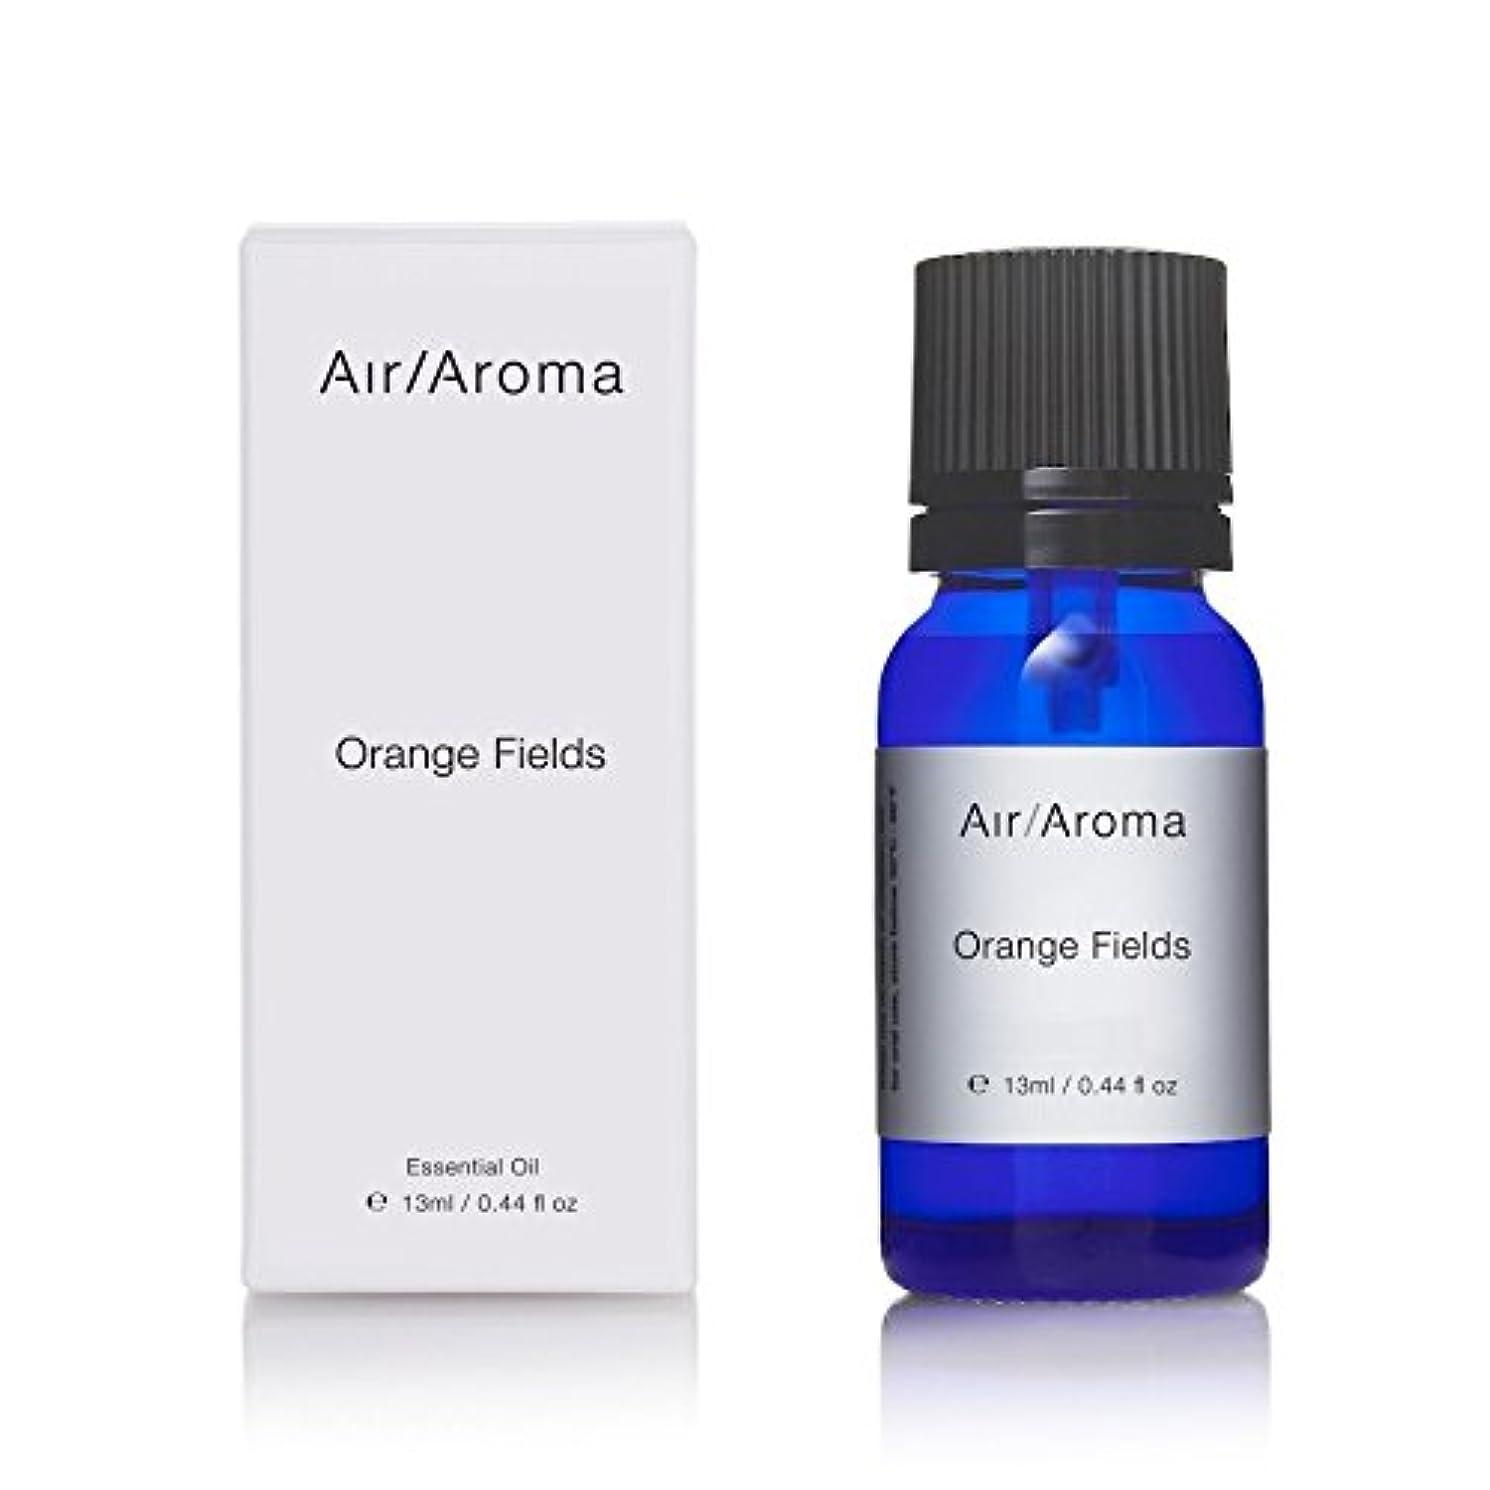 非アクティブ止まるメトロポリタンエアアロマ orange fields (オレンジフィールド) 13ml